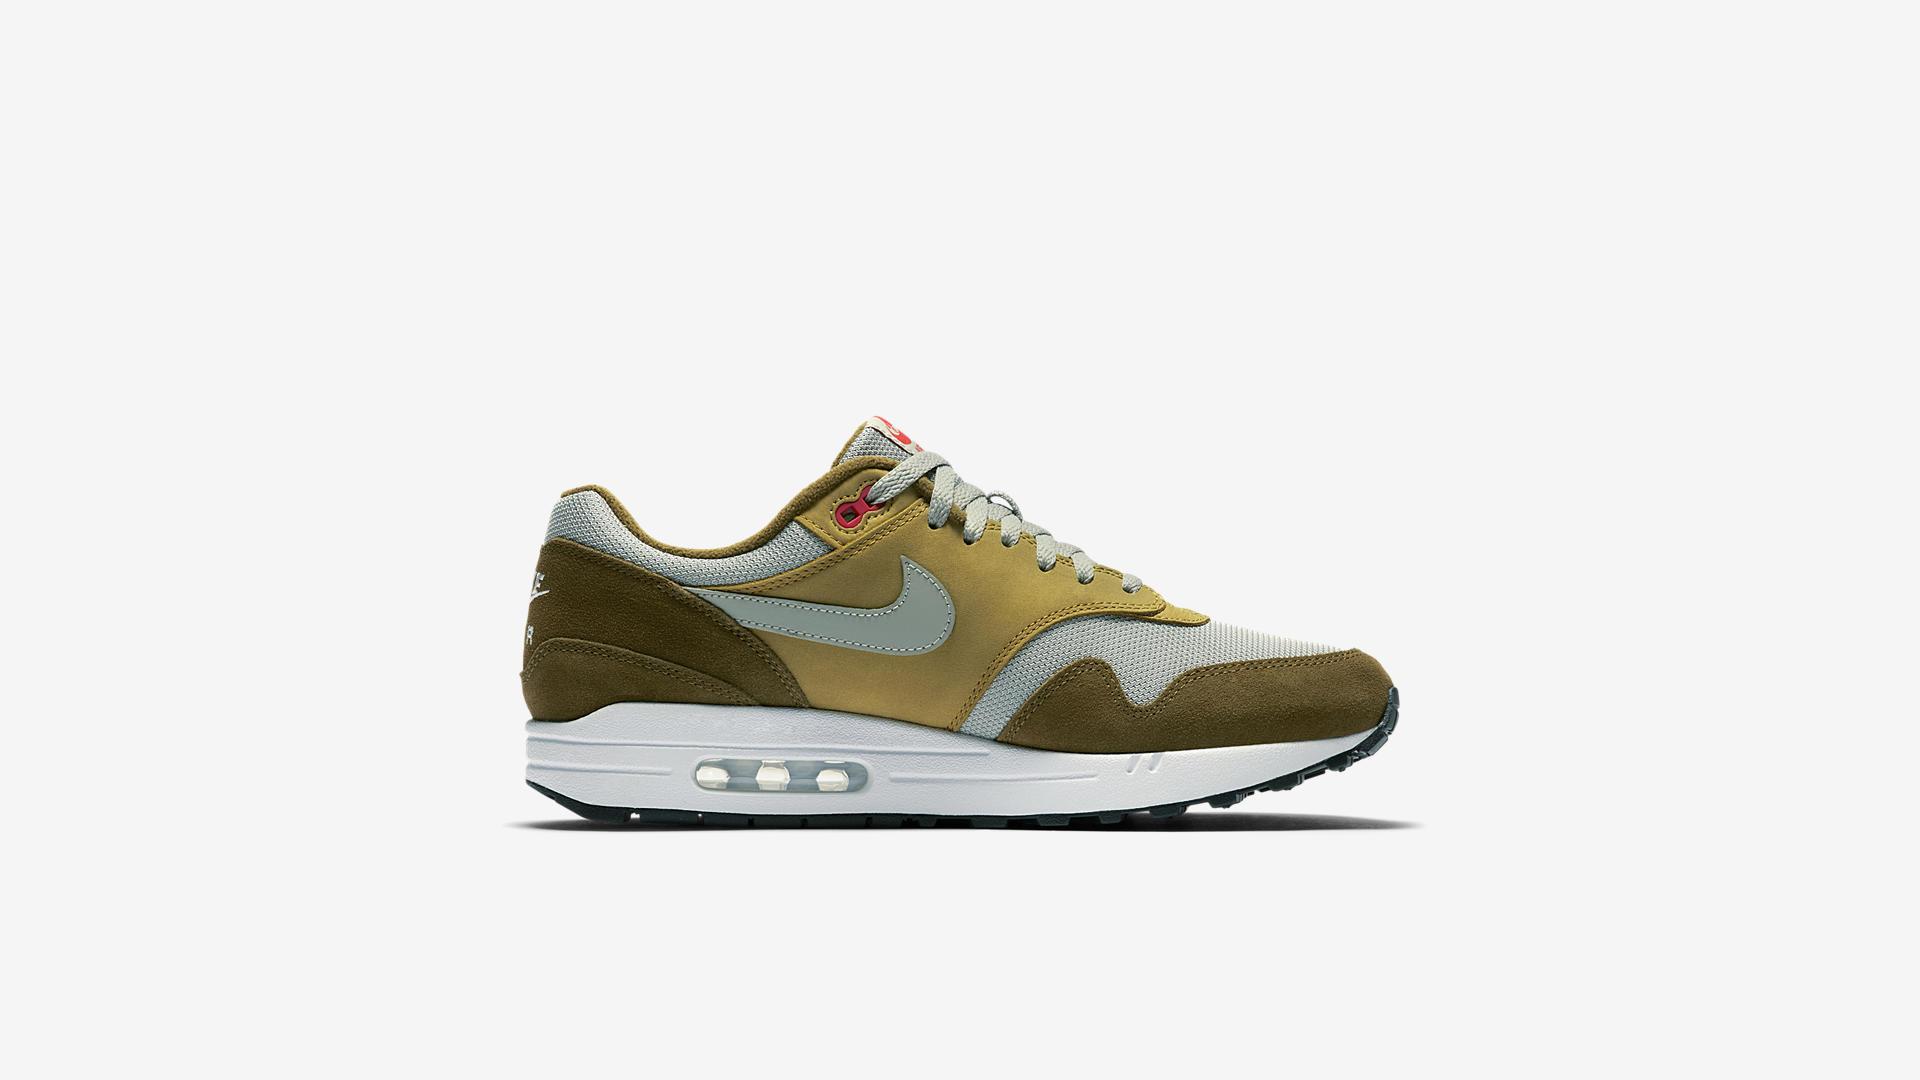 908366 300 Nike Air Max 1 Green Curry 3